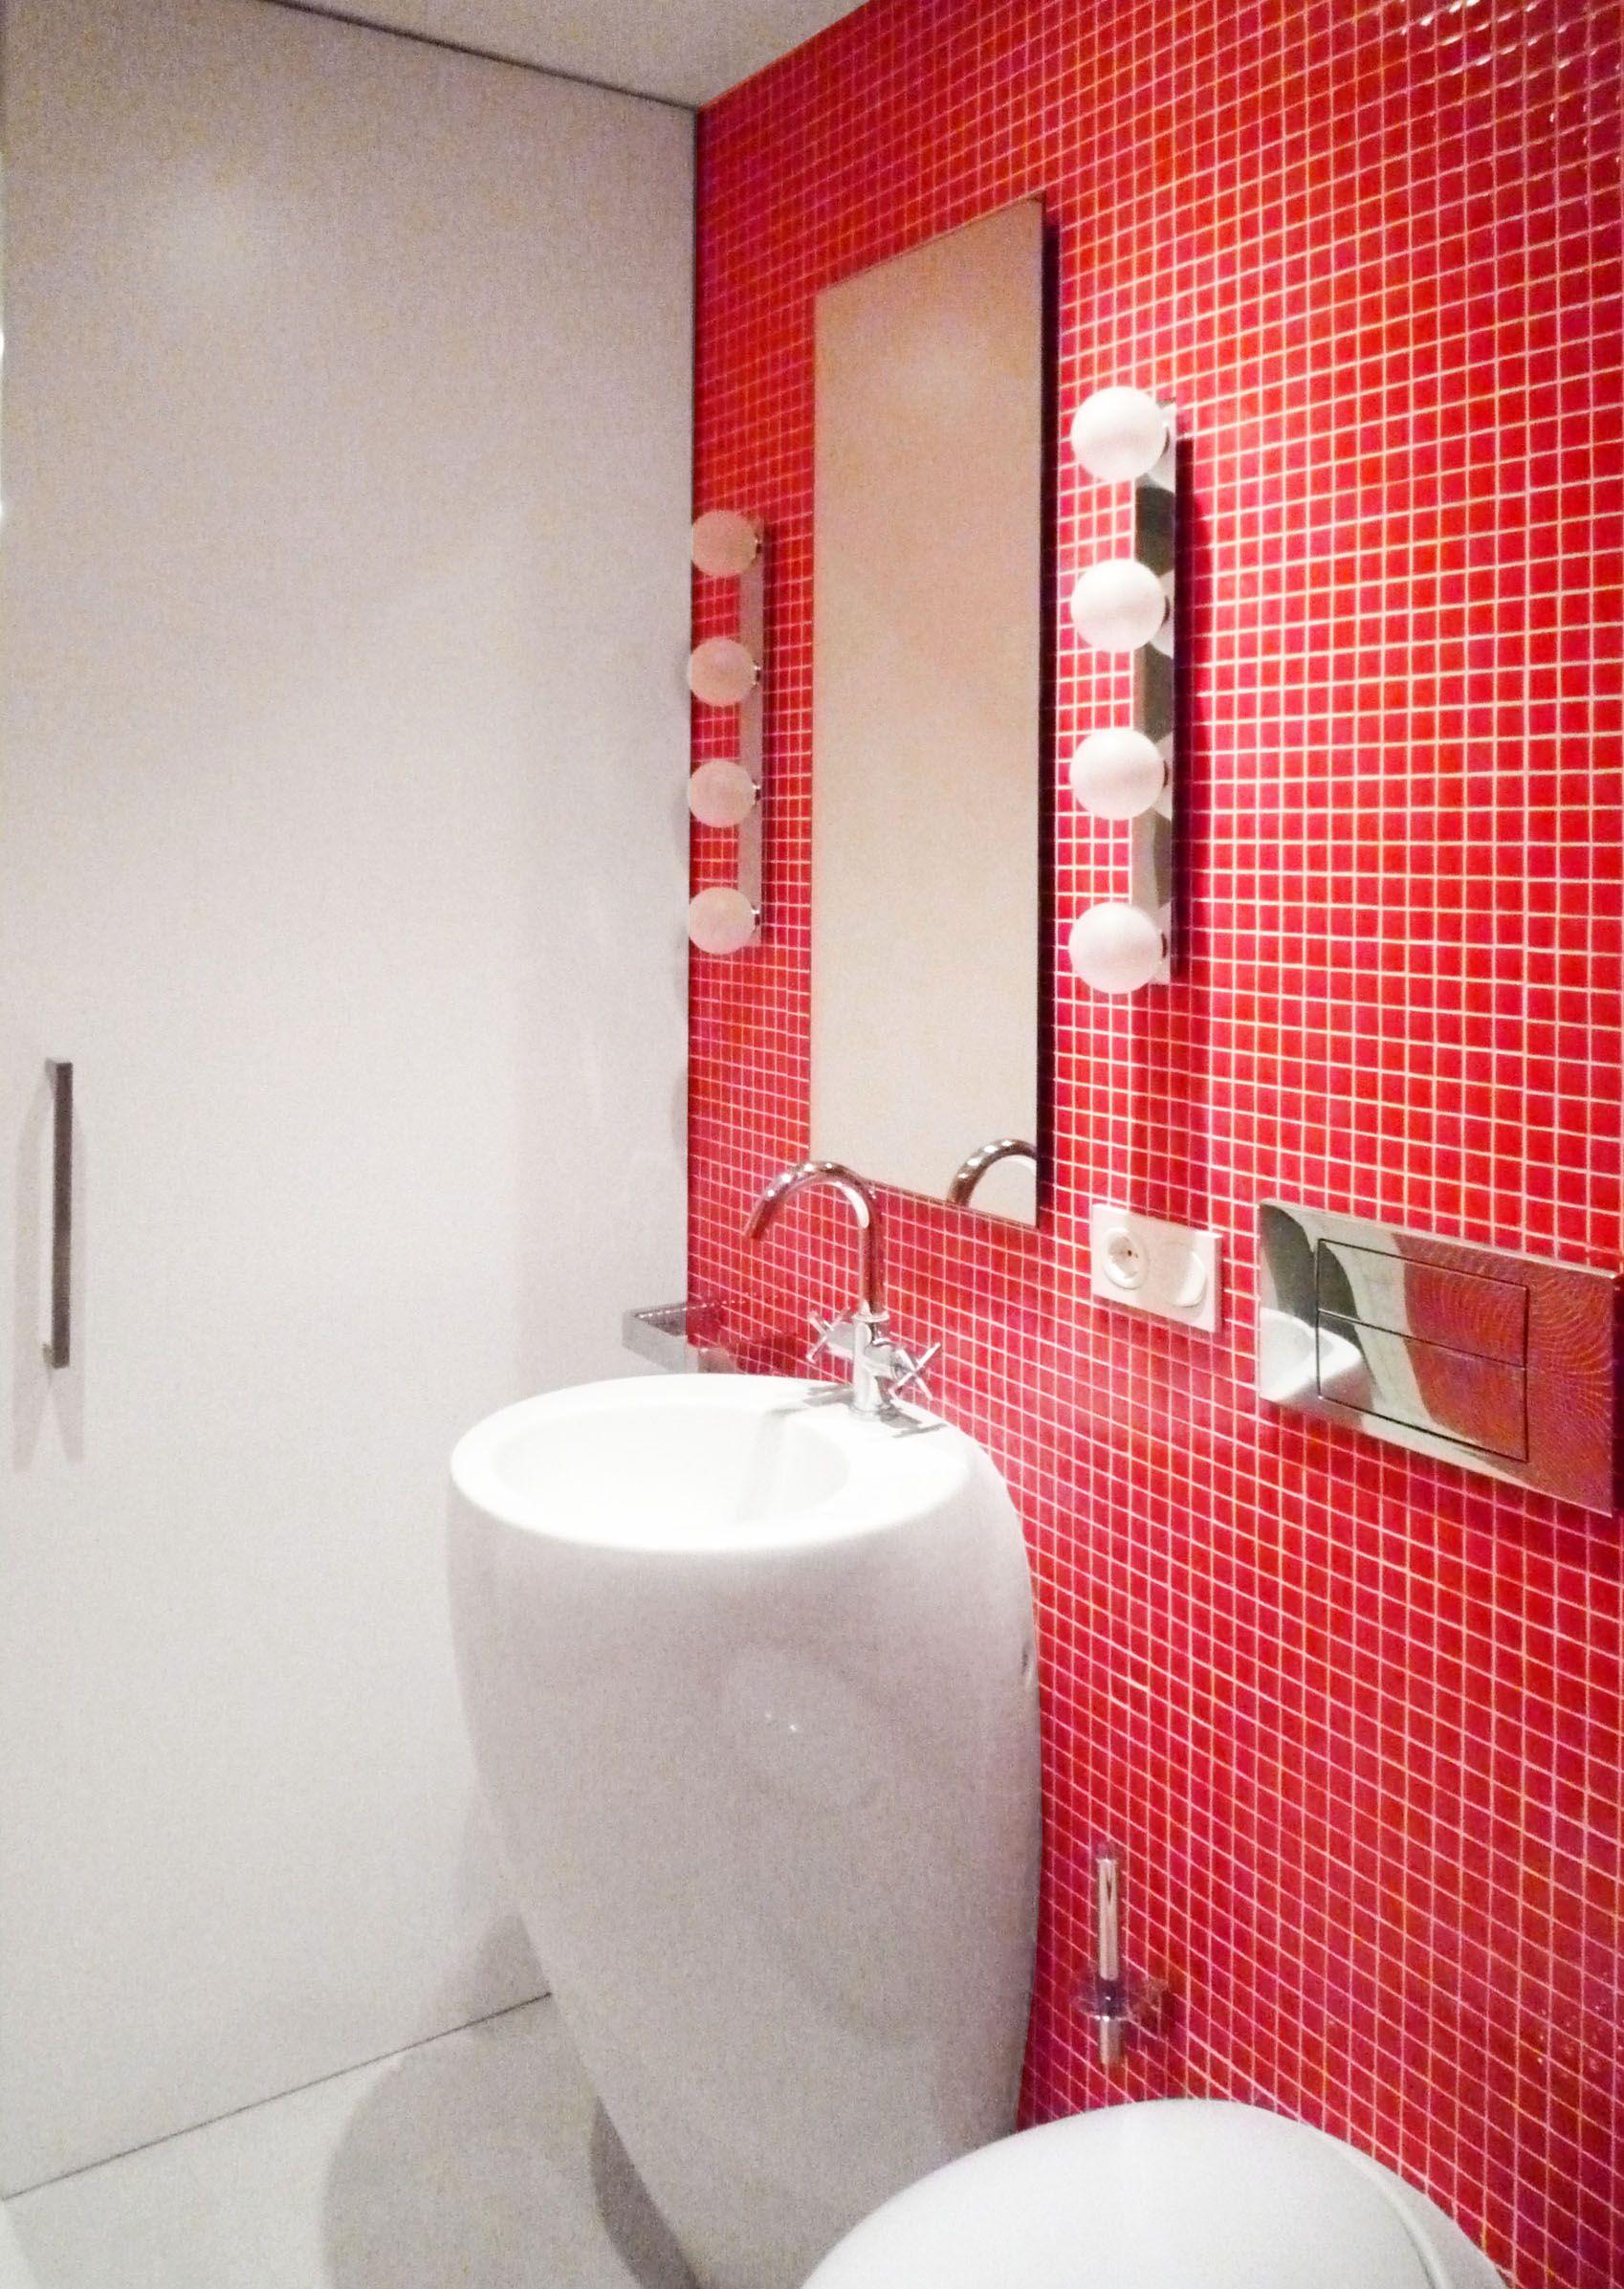 Baño Rojo Loft Barcelona 08023 Arquitectos Barcelona Arquitectos Barcelona Loft Diseño De Baños Azulejos Para Baños Pequeños Baños De Colores